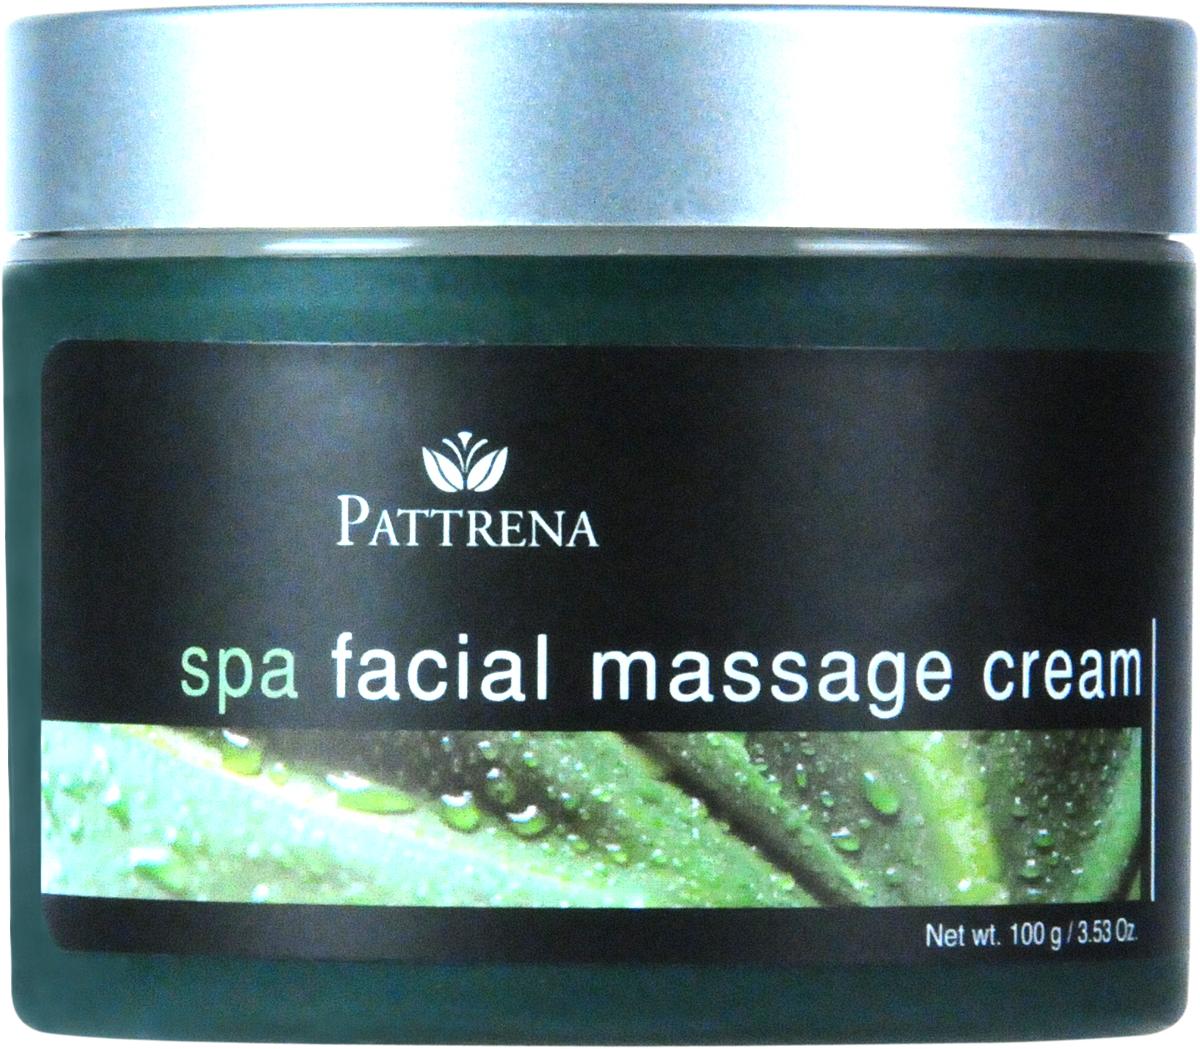 Pattrena Массажный крем для лица Паттрена Спа, 100 г65114Действие концентрированного массажа лица усилено благодаря различным растительным экстрактам, полезным для всех типов кожи. Огуречный экстракт, экстракт женьшеня и пуэрарии улучшает кровообращение и поддерживает нежность, блеск и эластичность вашей кожи, а также оставляет на вашем лице ощущение свежести, обновления и восстановления. Полезные свойства: • стимулирует кровообращение. • придает мягкость, блеск и гладкость коже, сохраняя этот эффект. • сокращает количество морщин и делает кожу более эластичной.